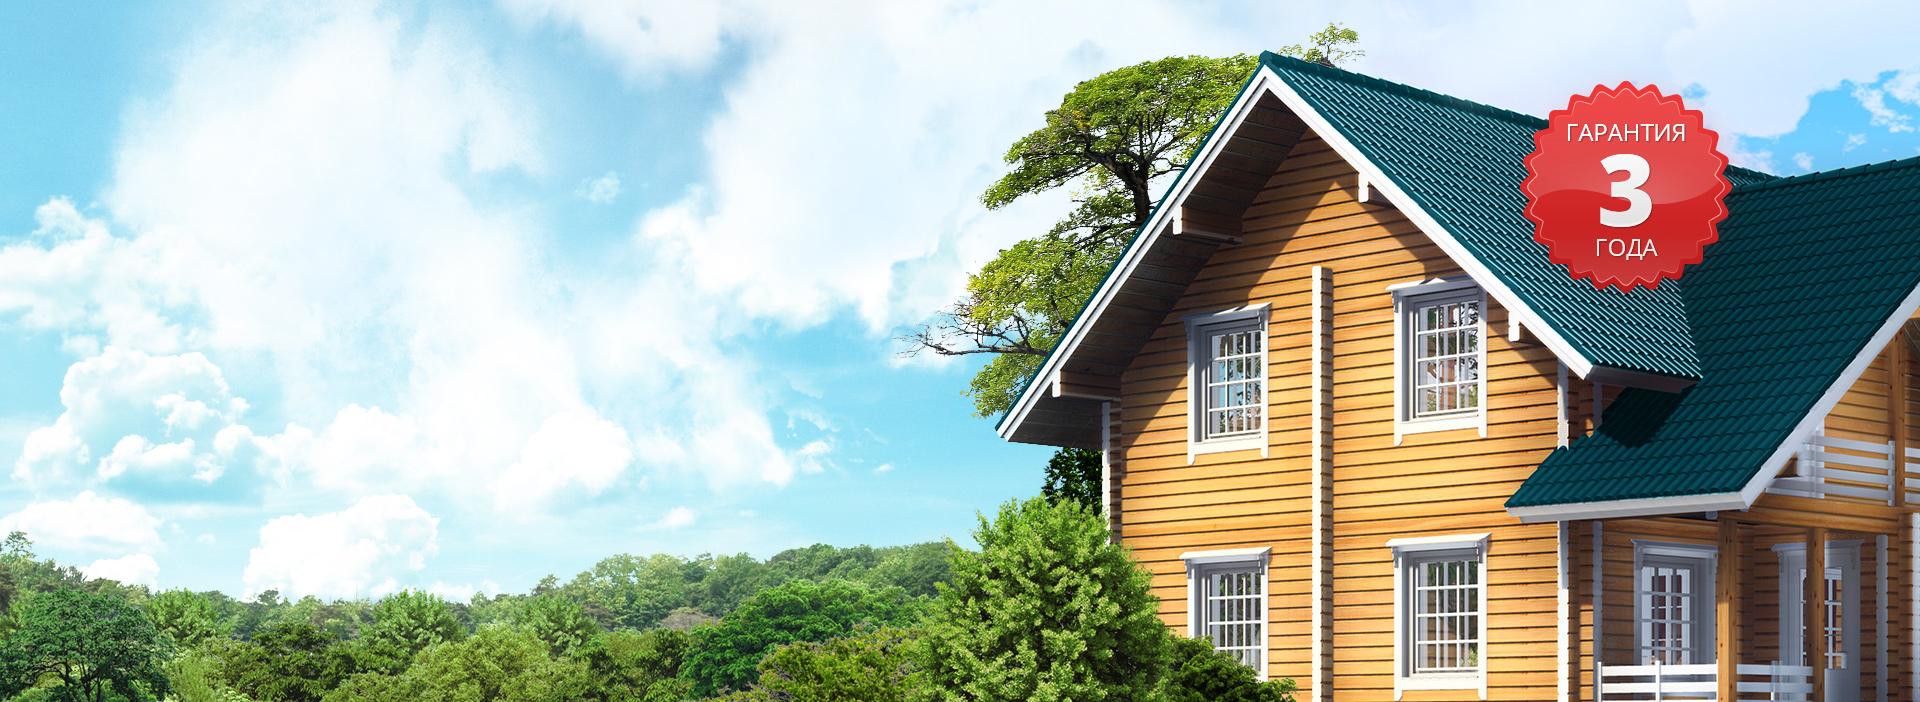 Строим экологичные деревянные дома/бани из Вологодского леса за 2 мес. по цене от 10 000 р/м<sup>2</sup>